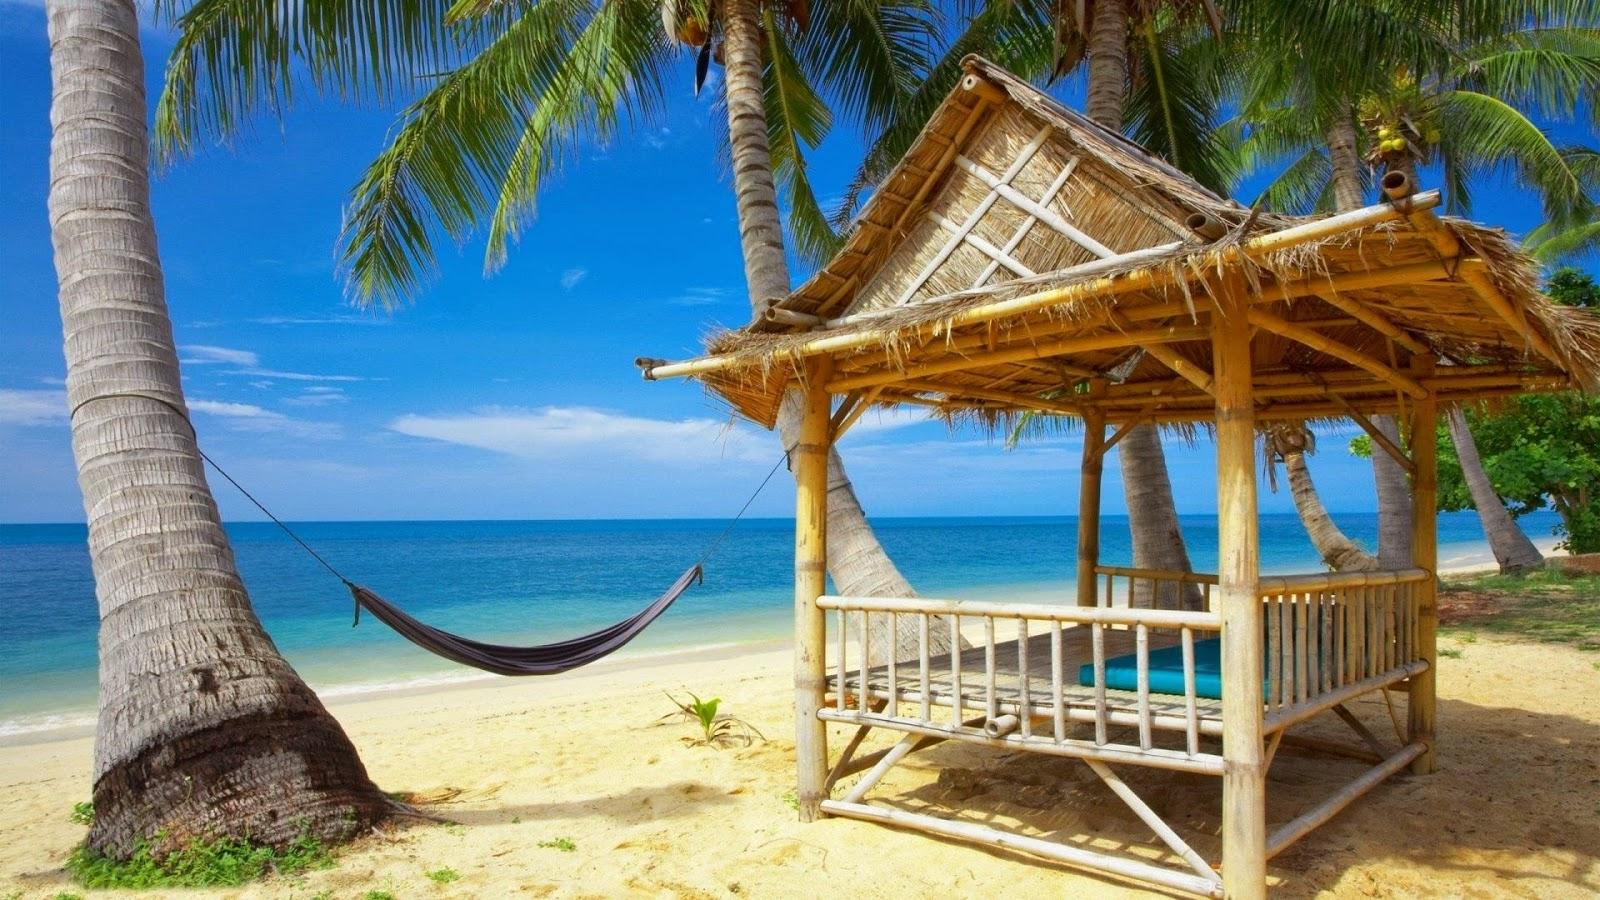 Afbeeldingsresultaten voor tropisch eiland